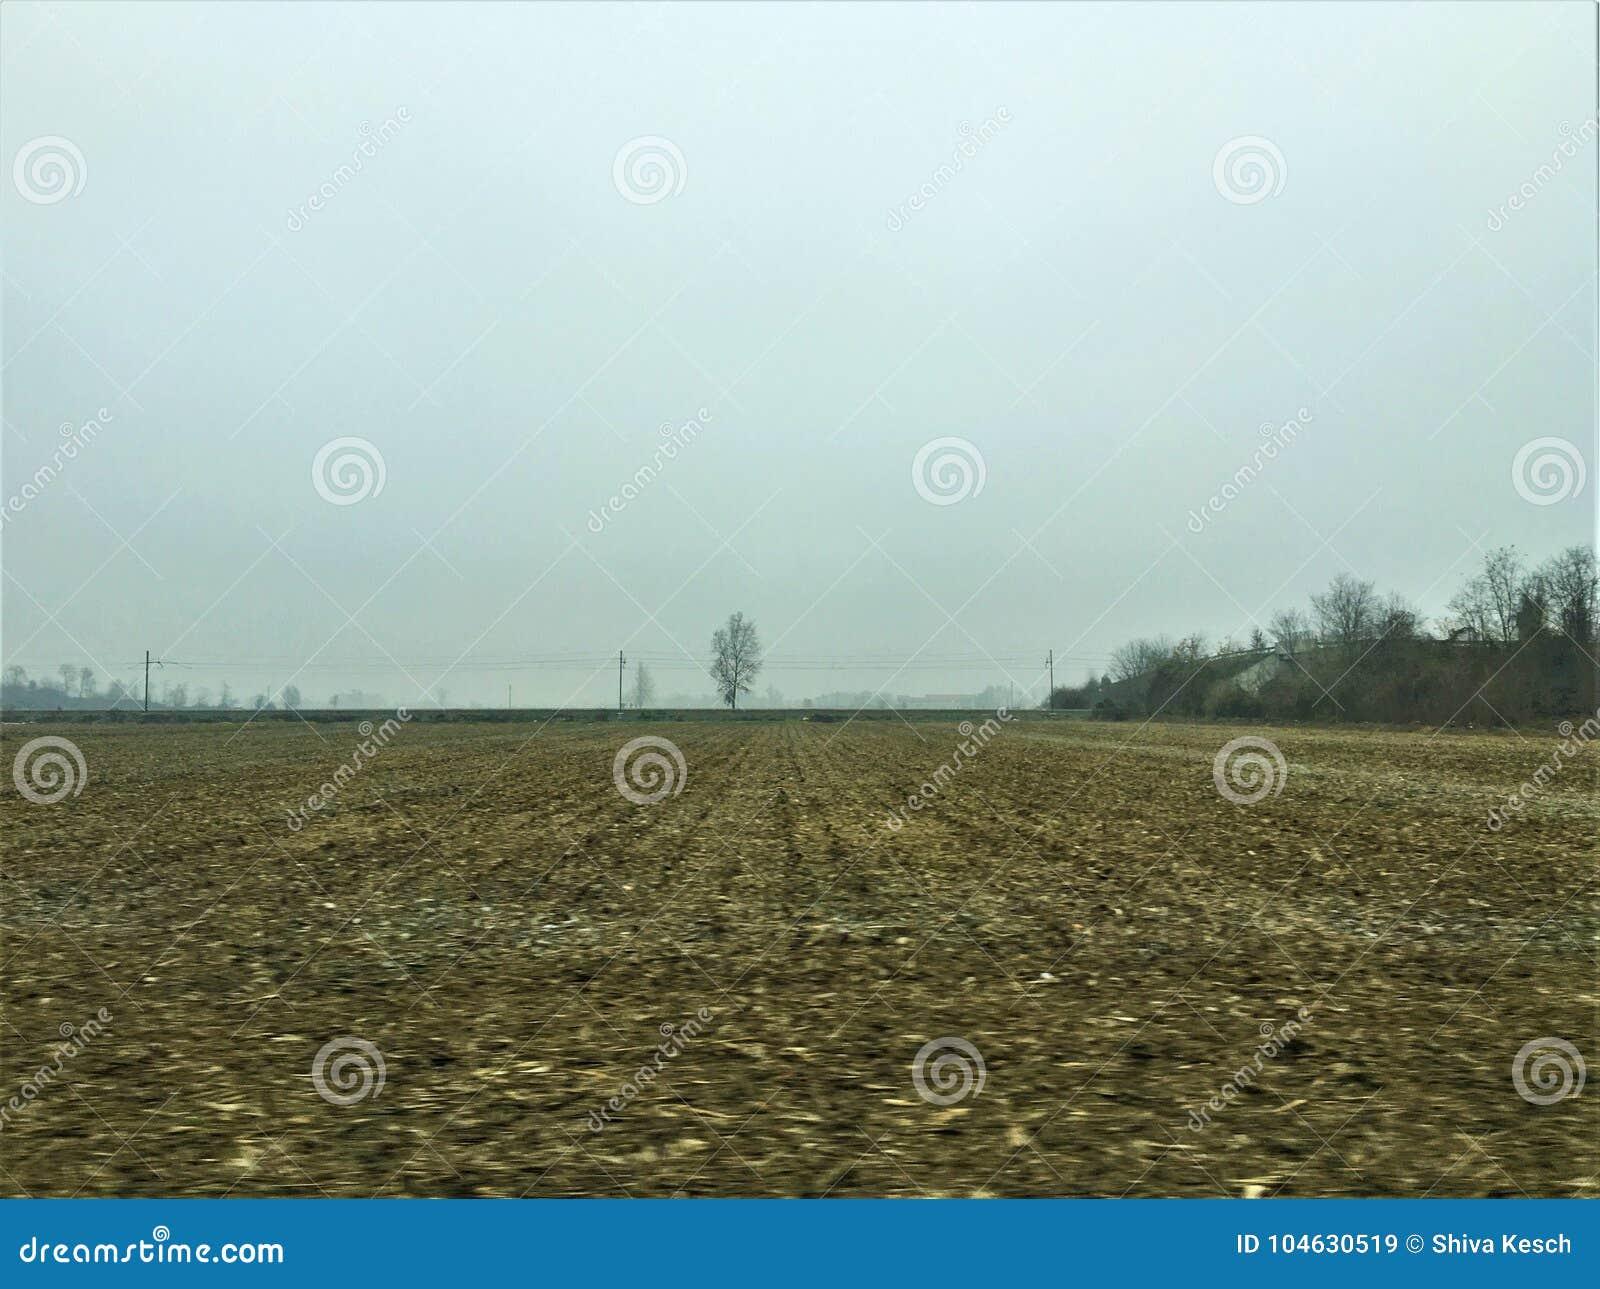 Download De winter, gebied en mist stock afbeelding. Afbeelding bestaande uit alleen - 104630519